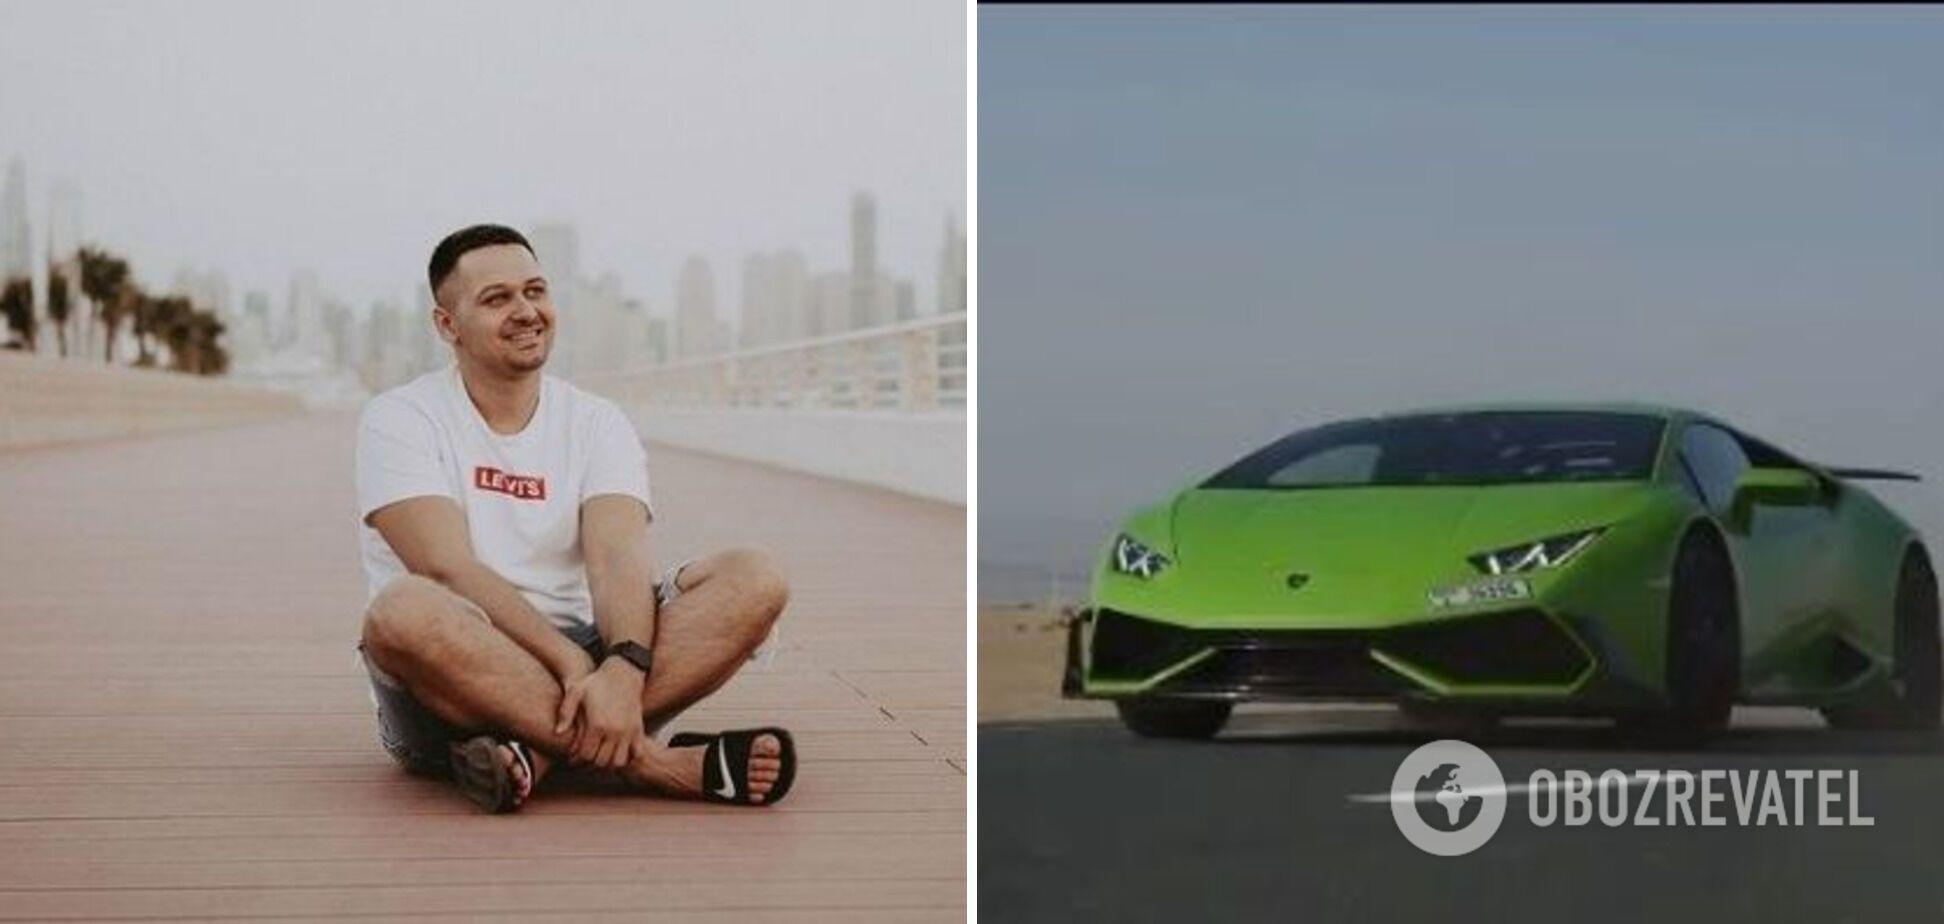 Олександр Мицкан орендував Lamborghini і застряг у Дубаї.